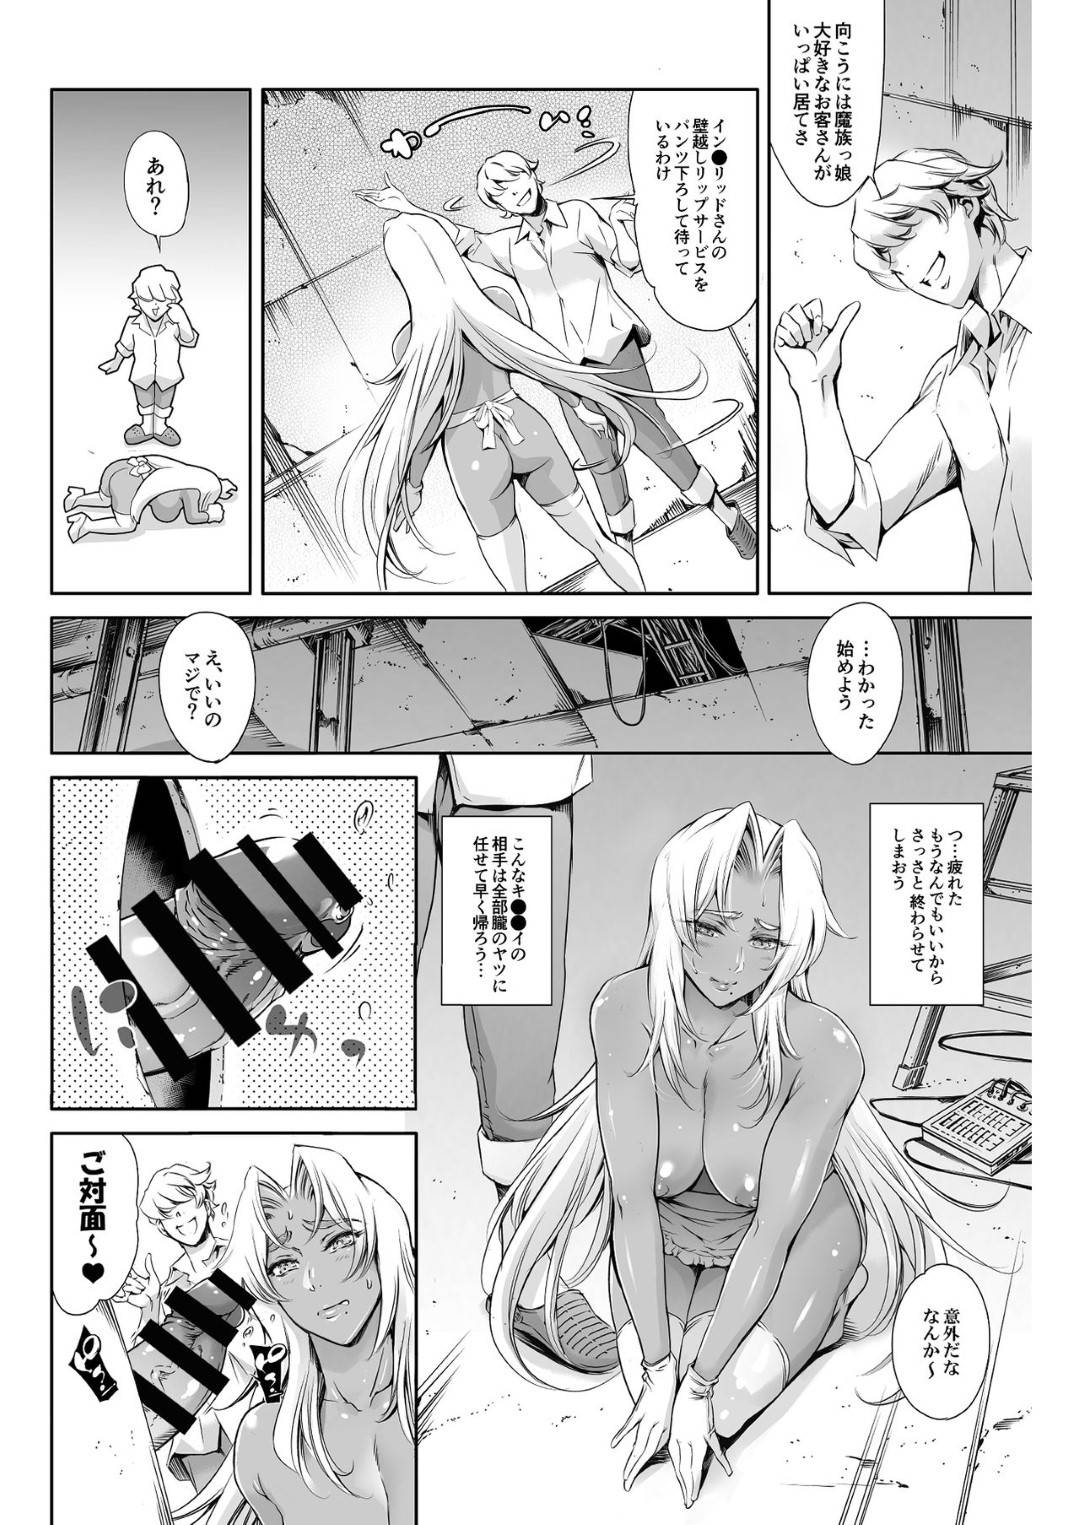 【エロ漫画】男に肉便器として飼いならされる騎士のイングリッド。性処理道具として扱われる彼女は男にトイレで立ちバックで中出しされたり、膣内に放尿されたりとやりたい放題された挙げ句、輪姦までされてしまう。